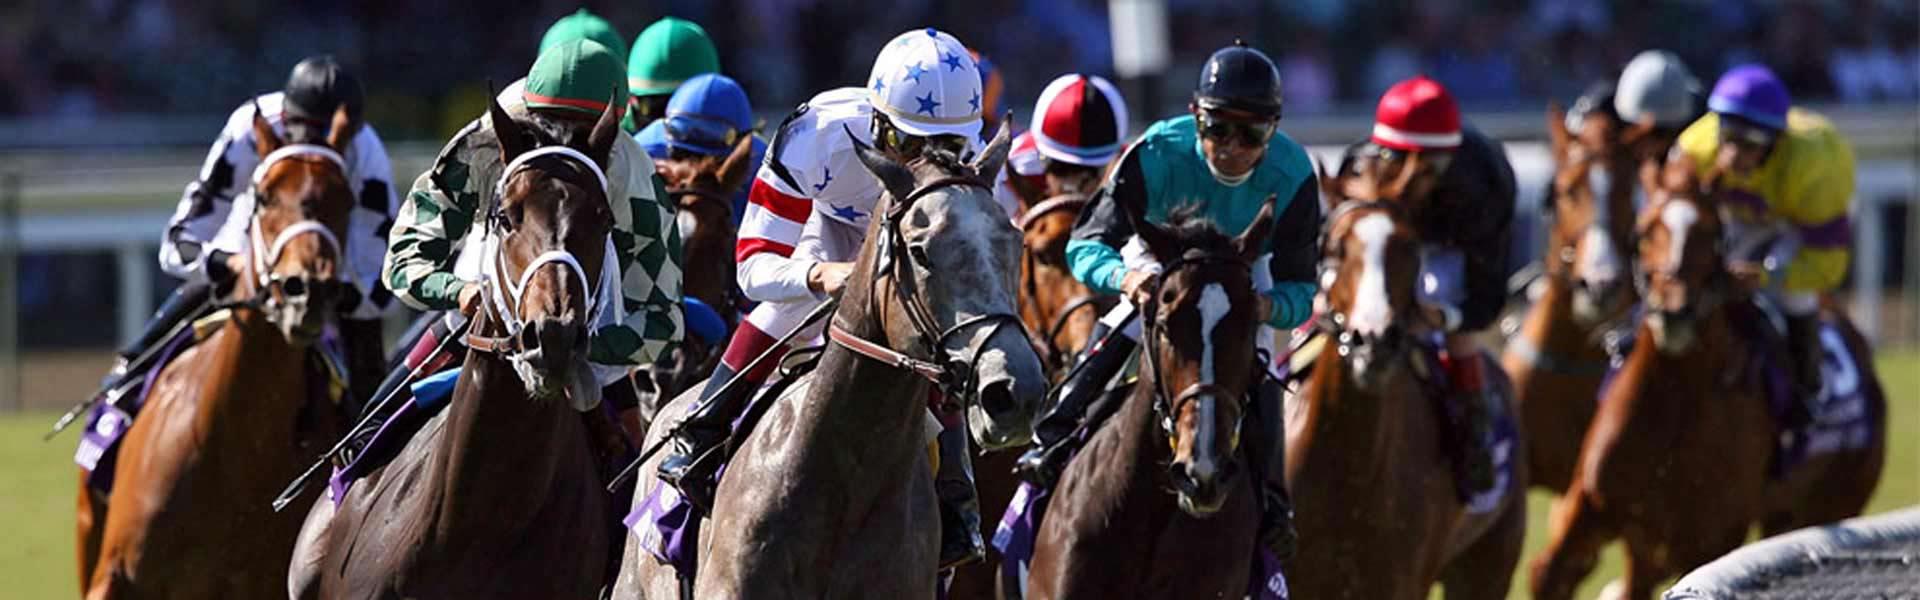 bet online horse racing